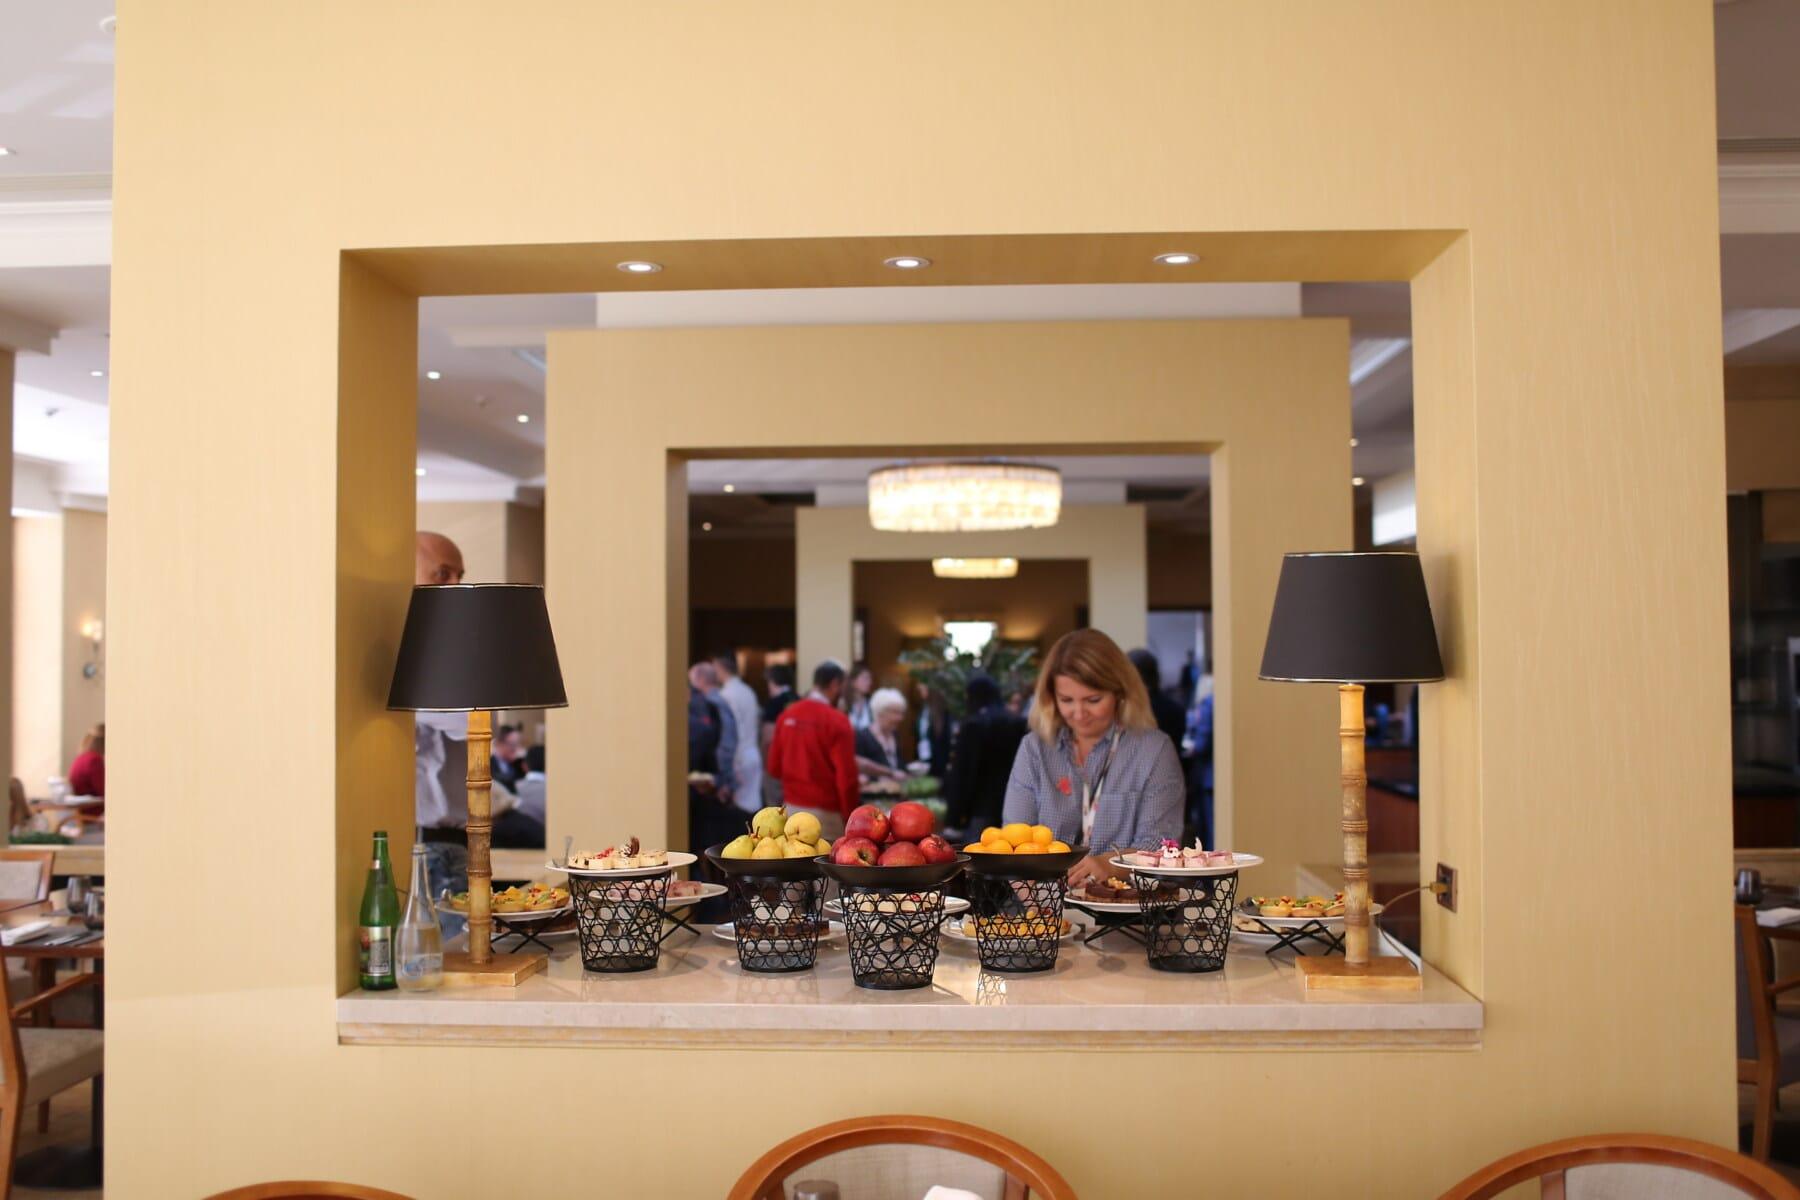 ホテル, ビュッフェ式, バンケット, カフェテリア, 人々, 廊下, ダイニング エリア, ランチルーム, 群衆, テーブル